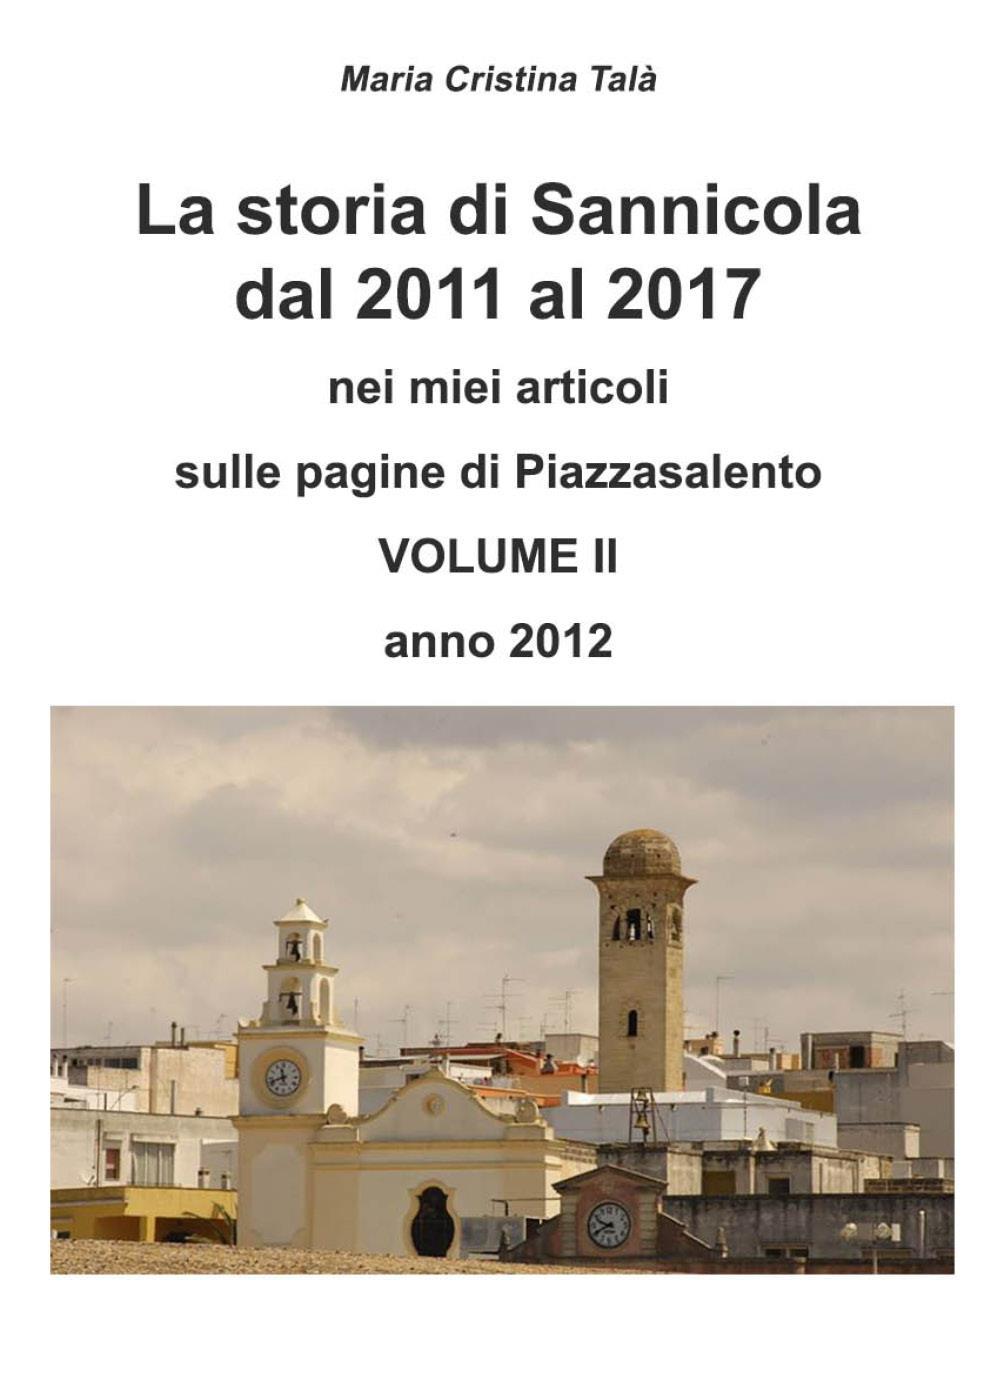 La storia di Sannicola volume 2 anno 2012